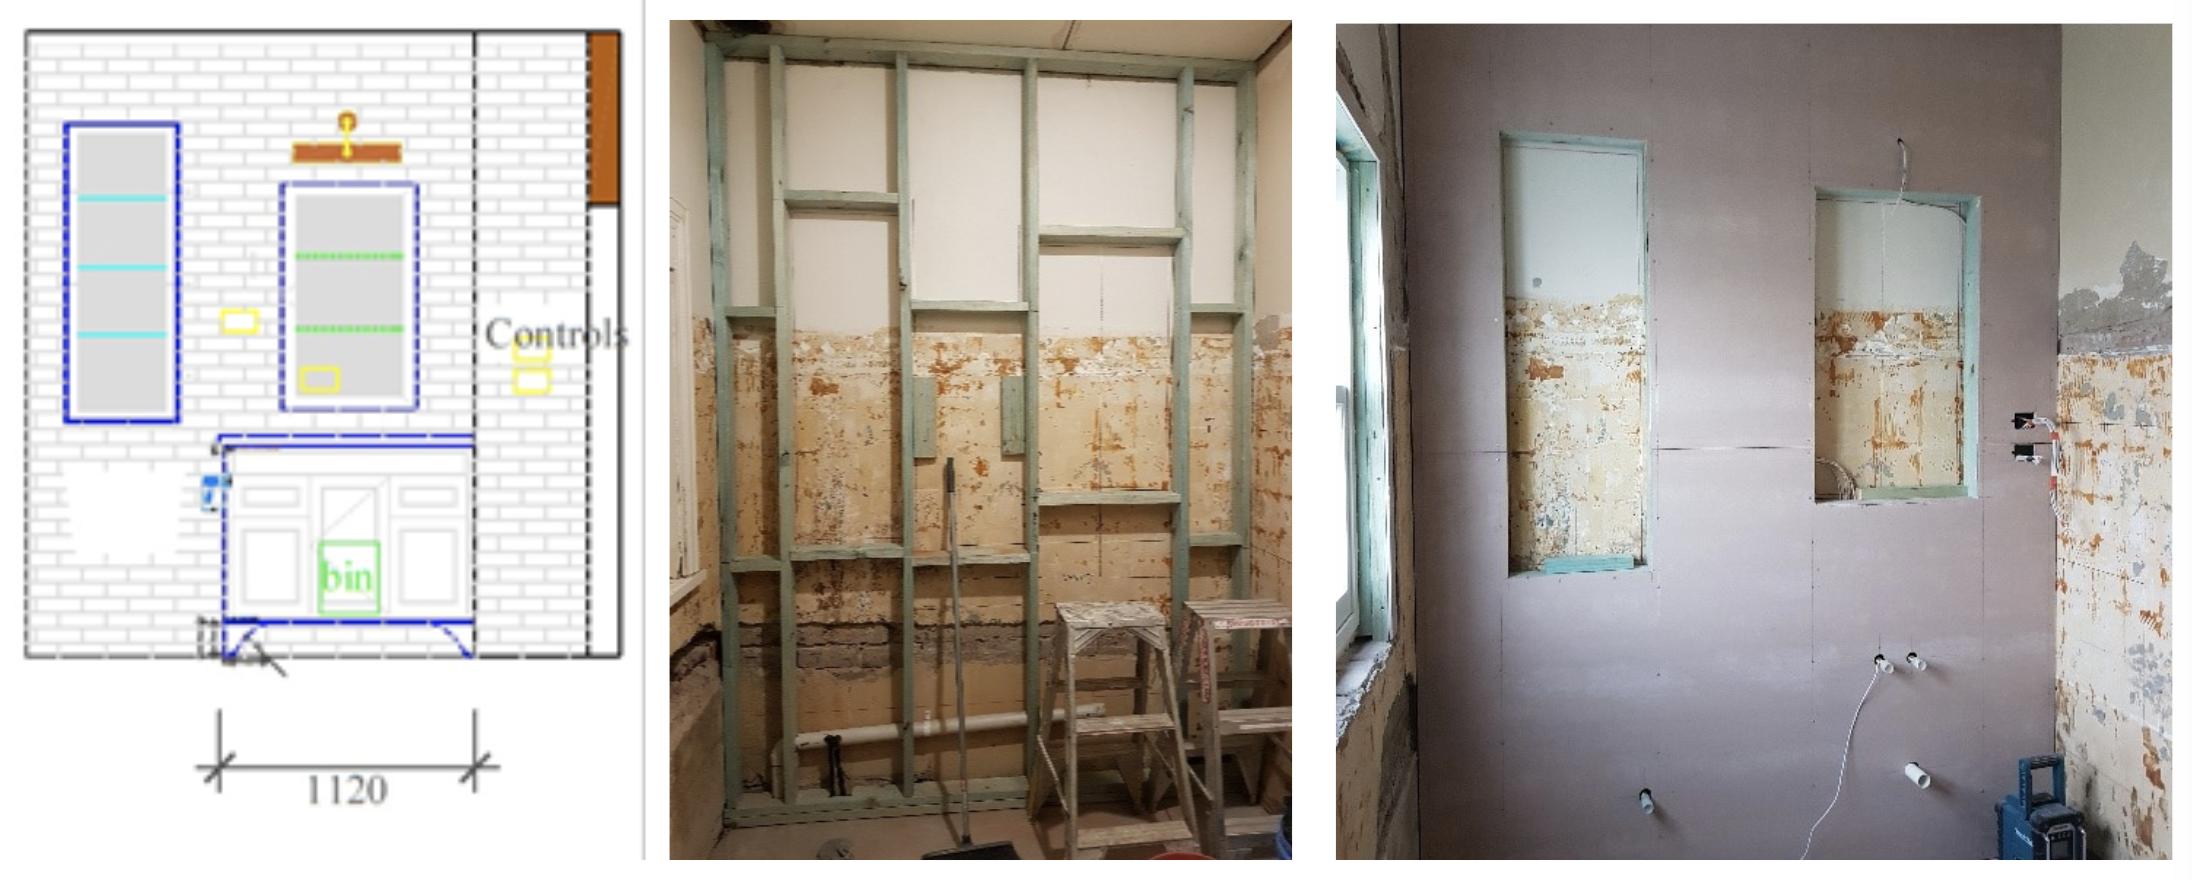 journey-home-interiors-forrest-au-1930s-bathroom-renovation-demolition-design-plan-as-framing-takes-shape